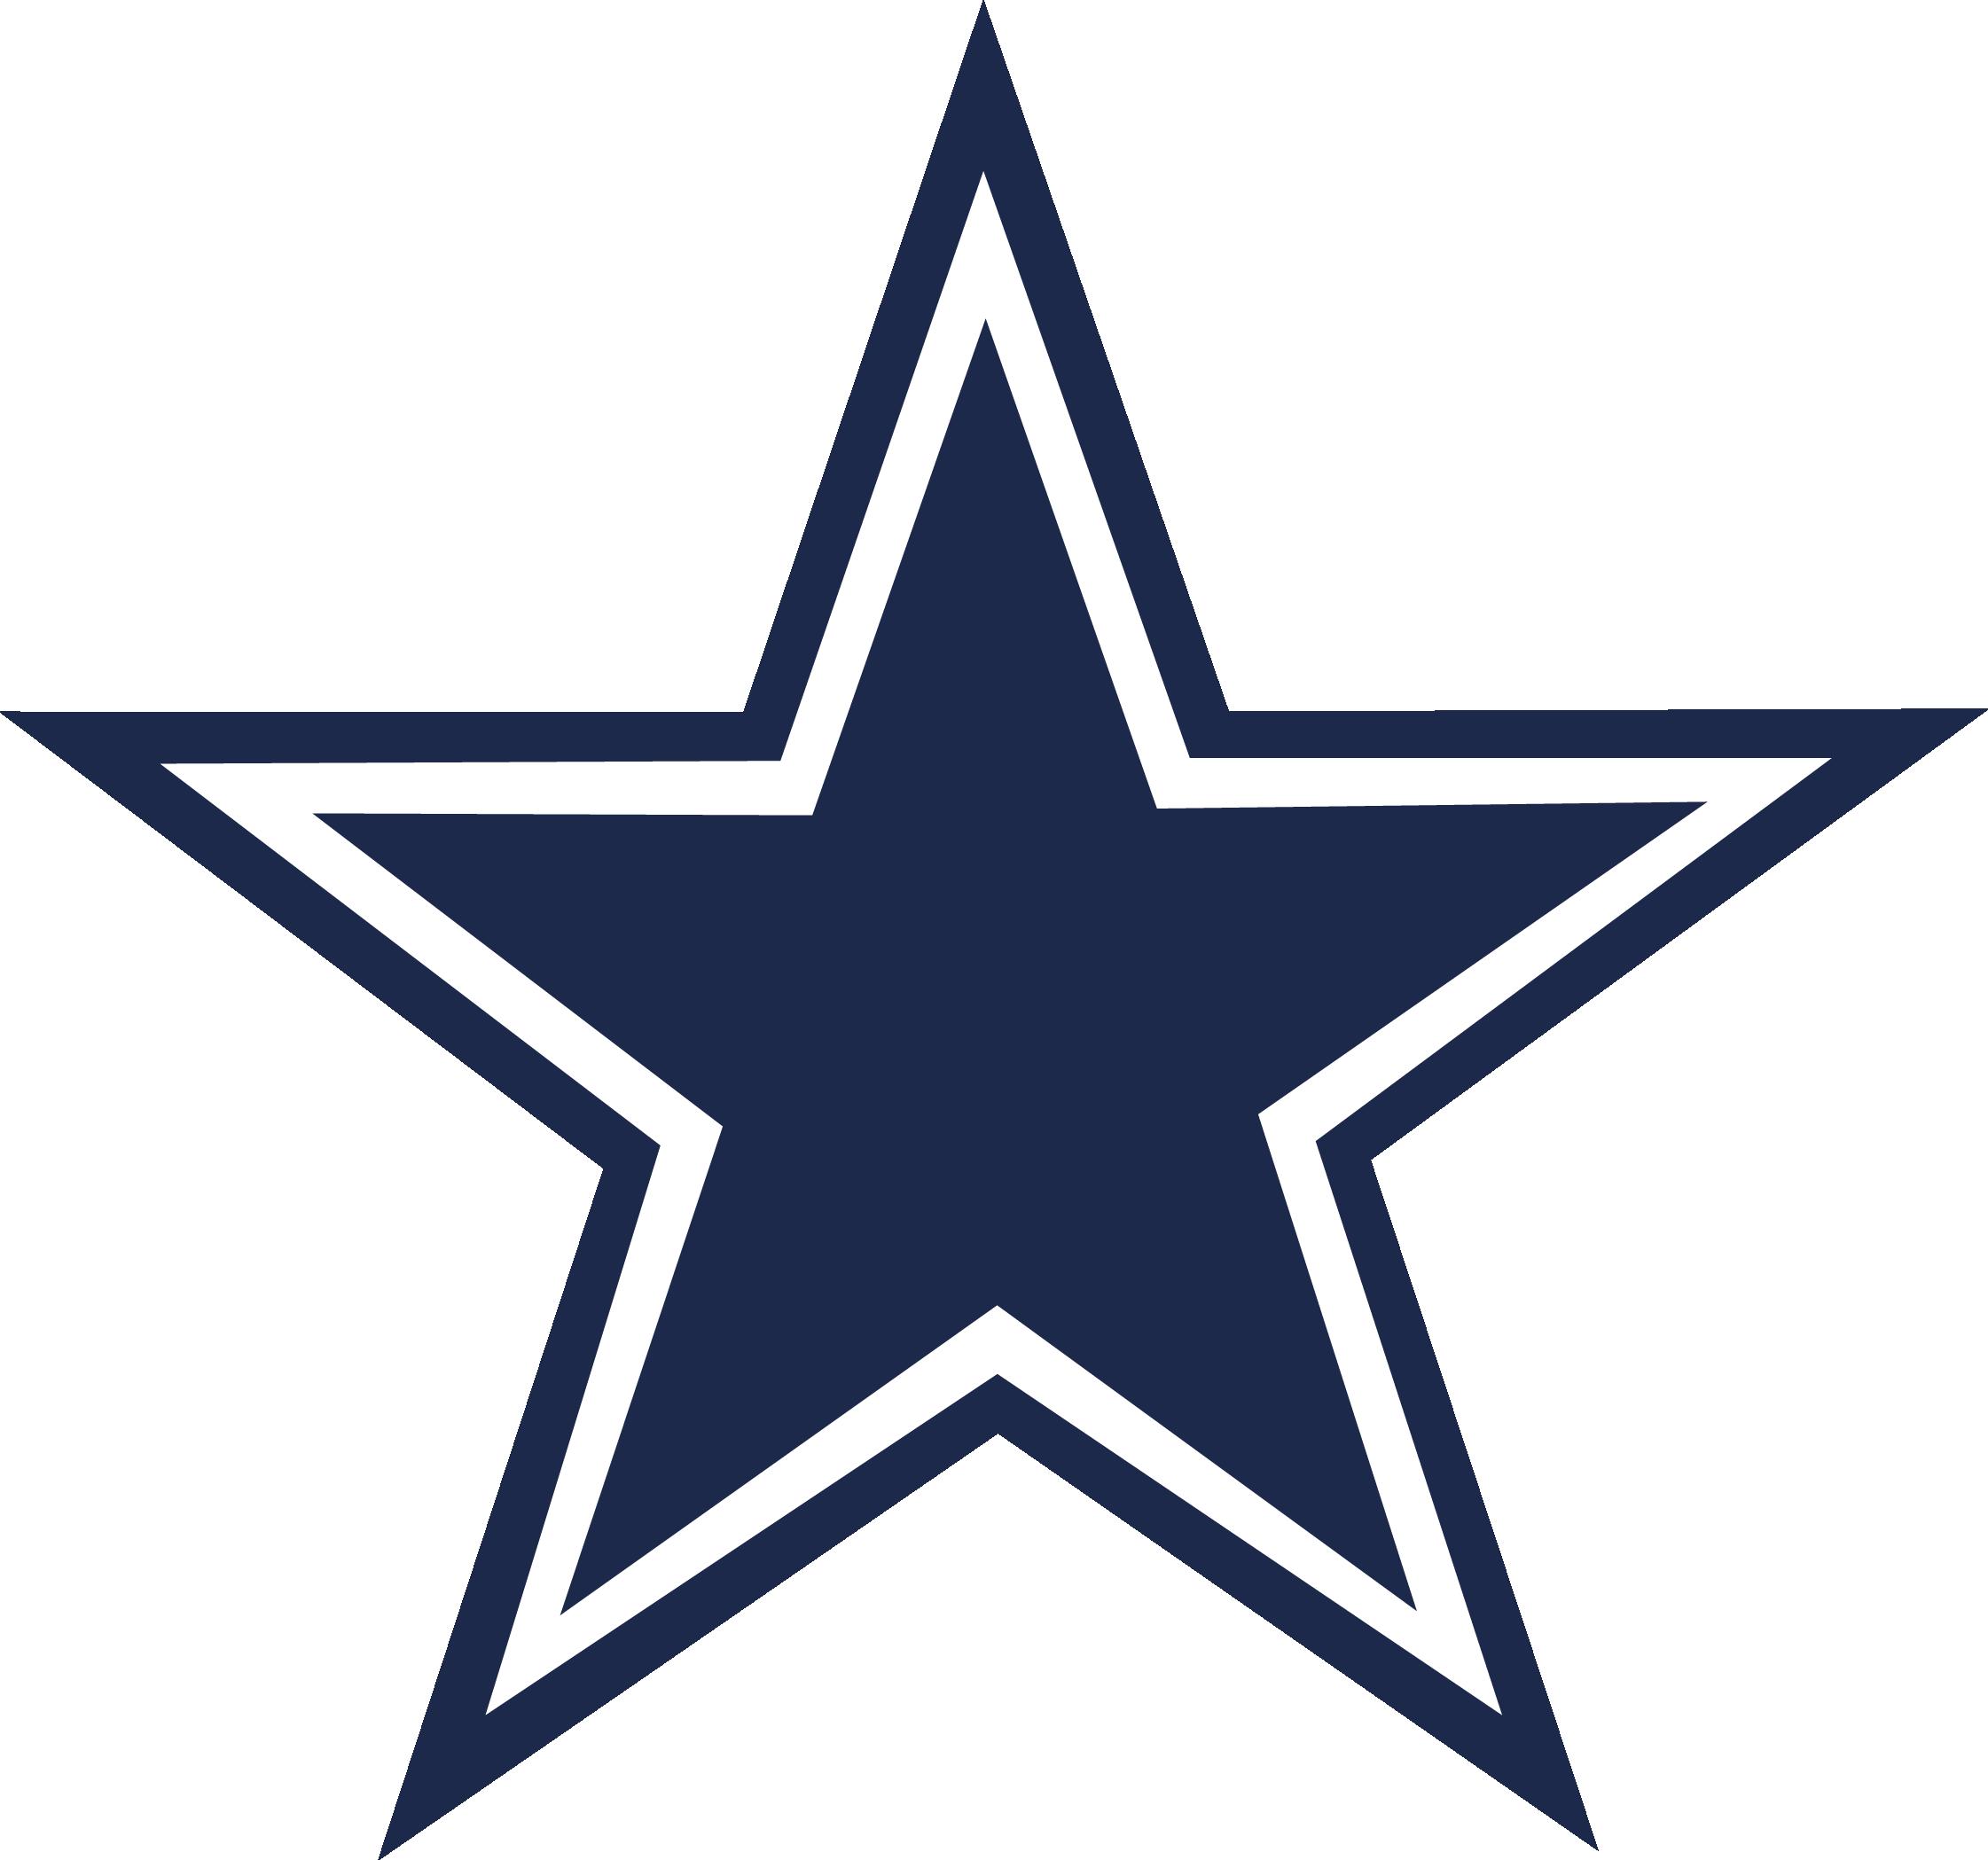 Dallas cowboys clipart sheet. Group logo vector eps